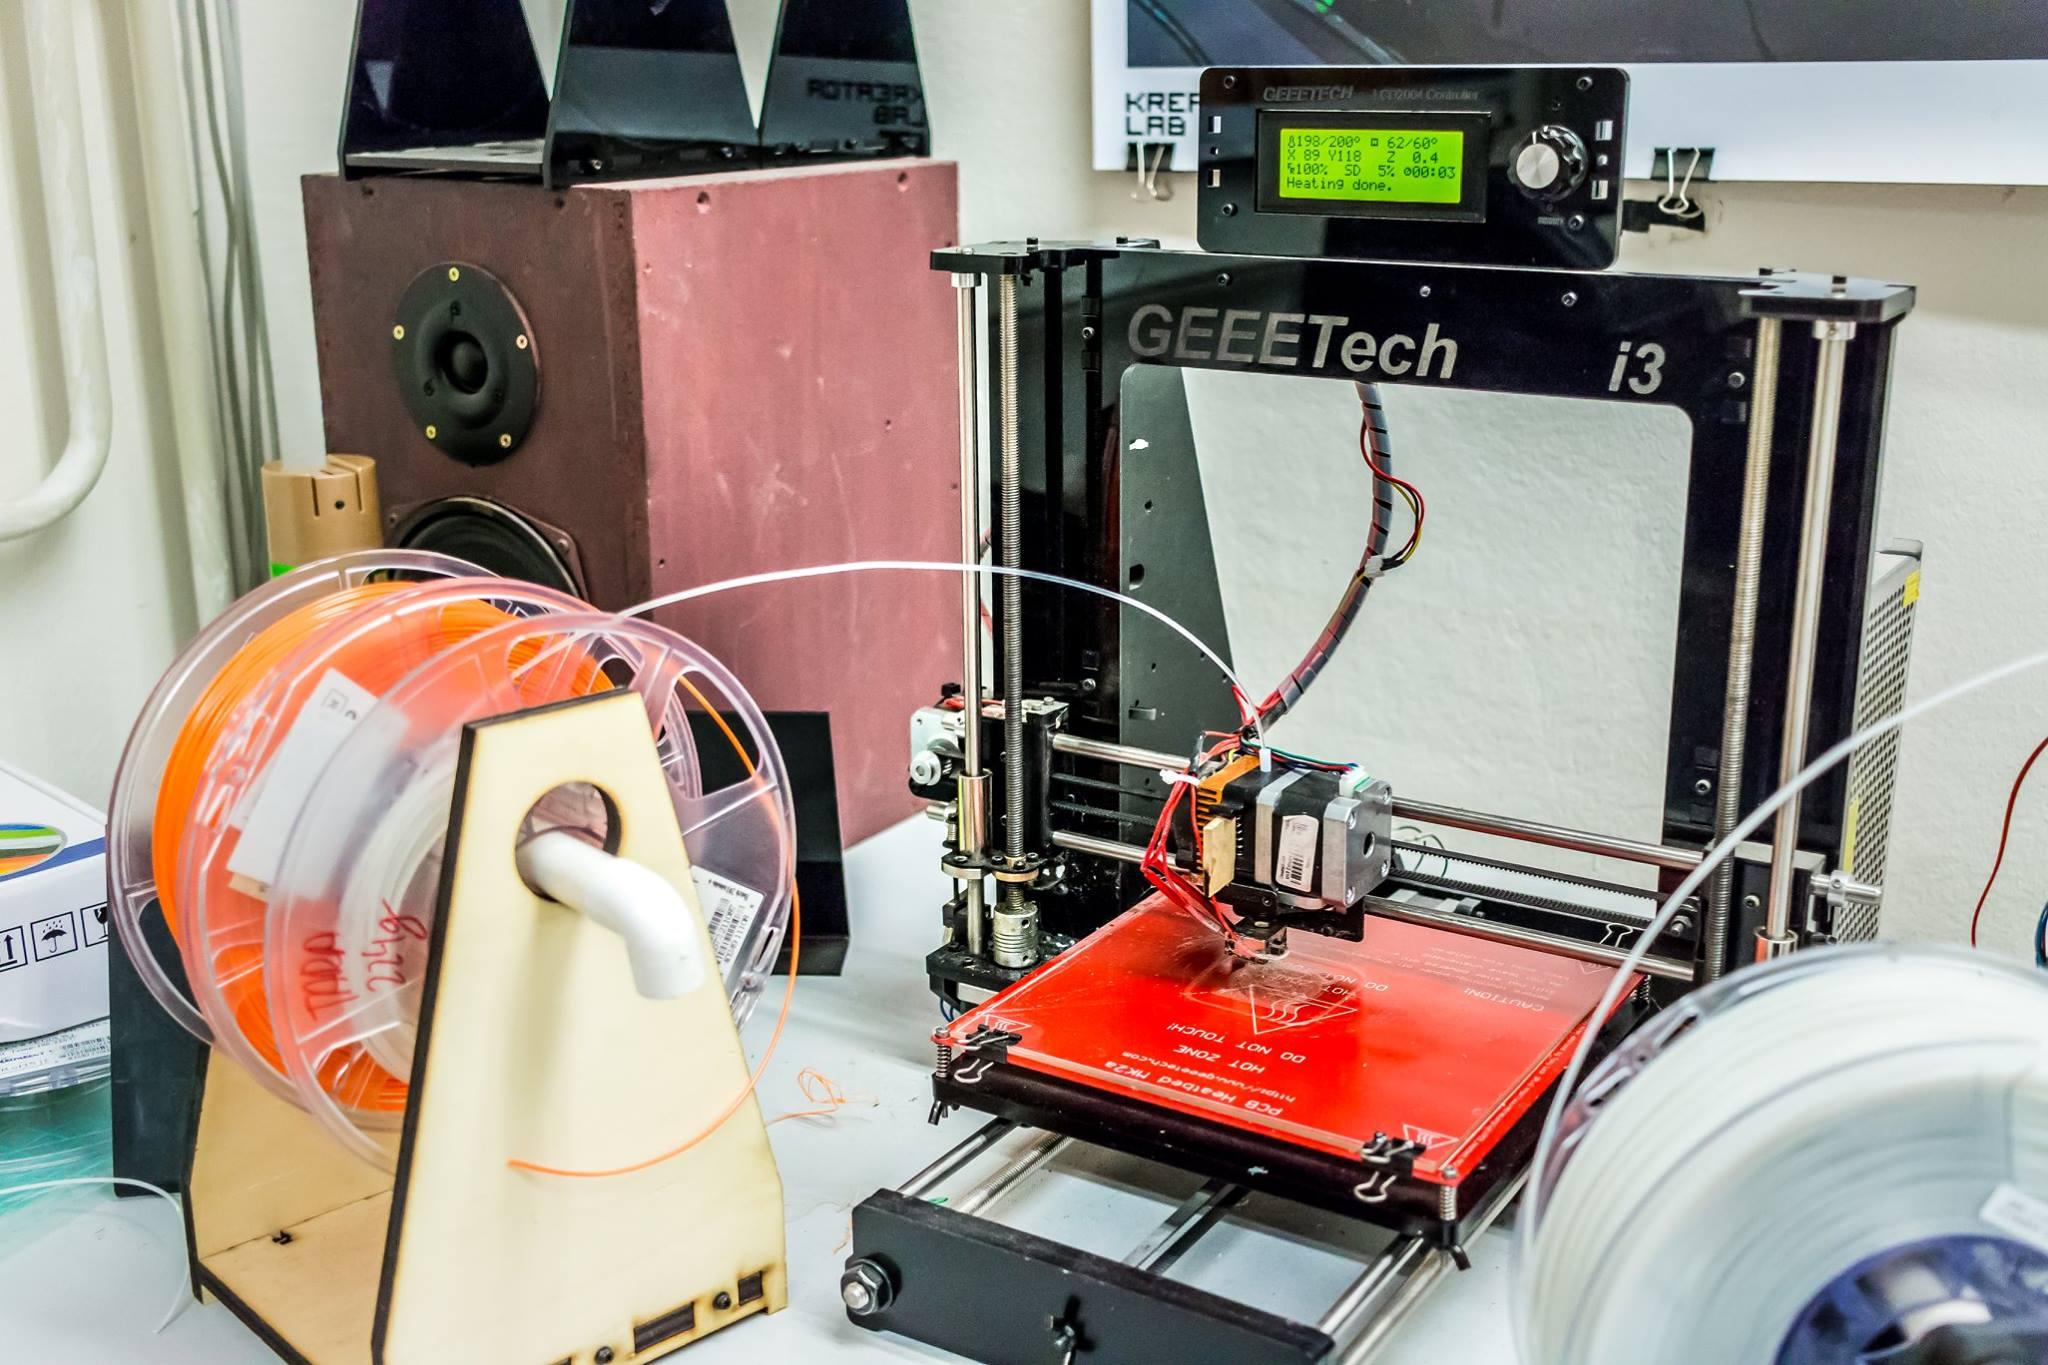 Usposabljanje za samostojno uporabo 3D tiskalnika